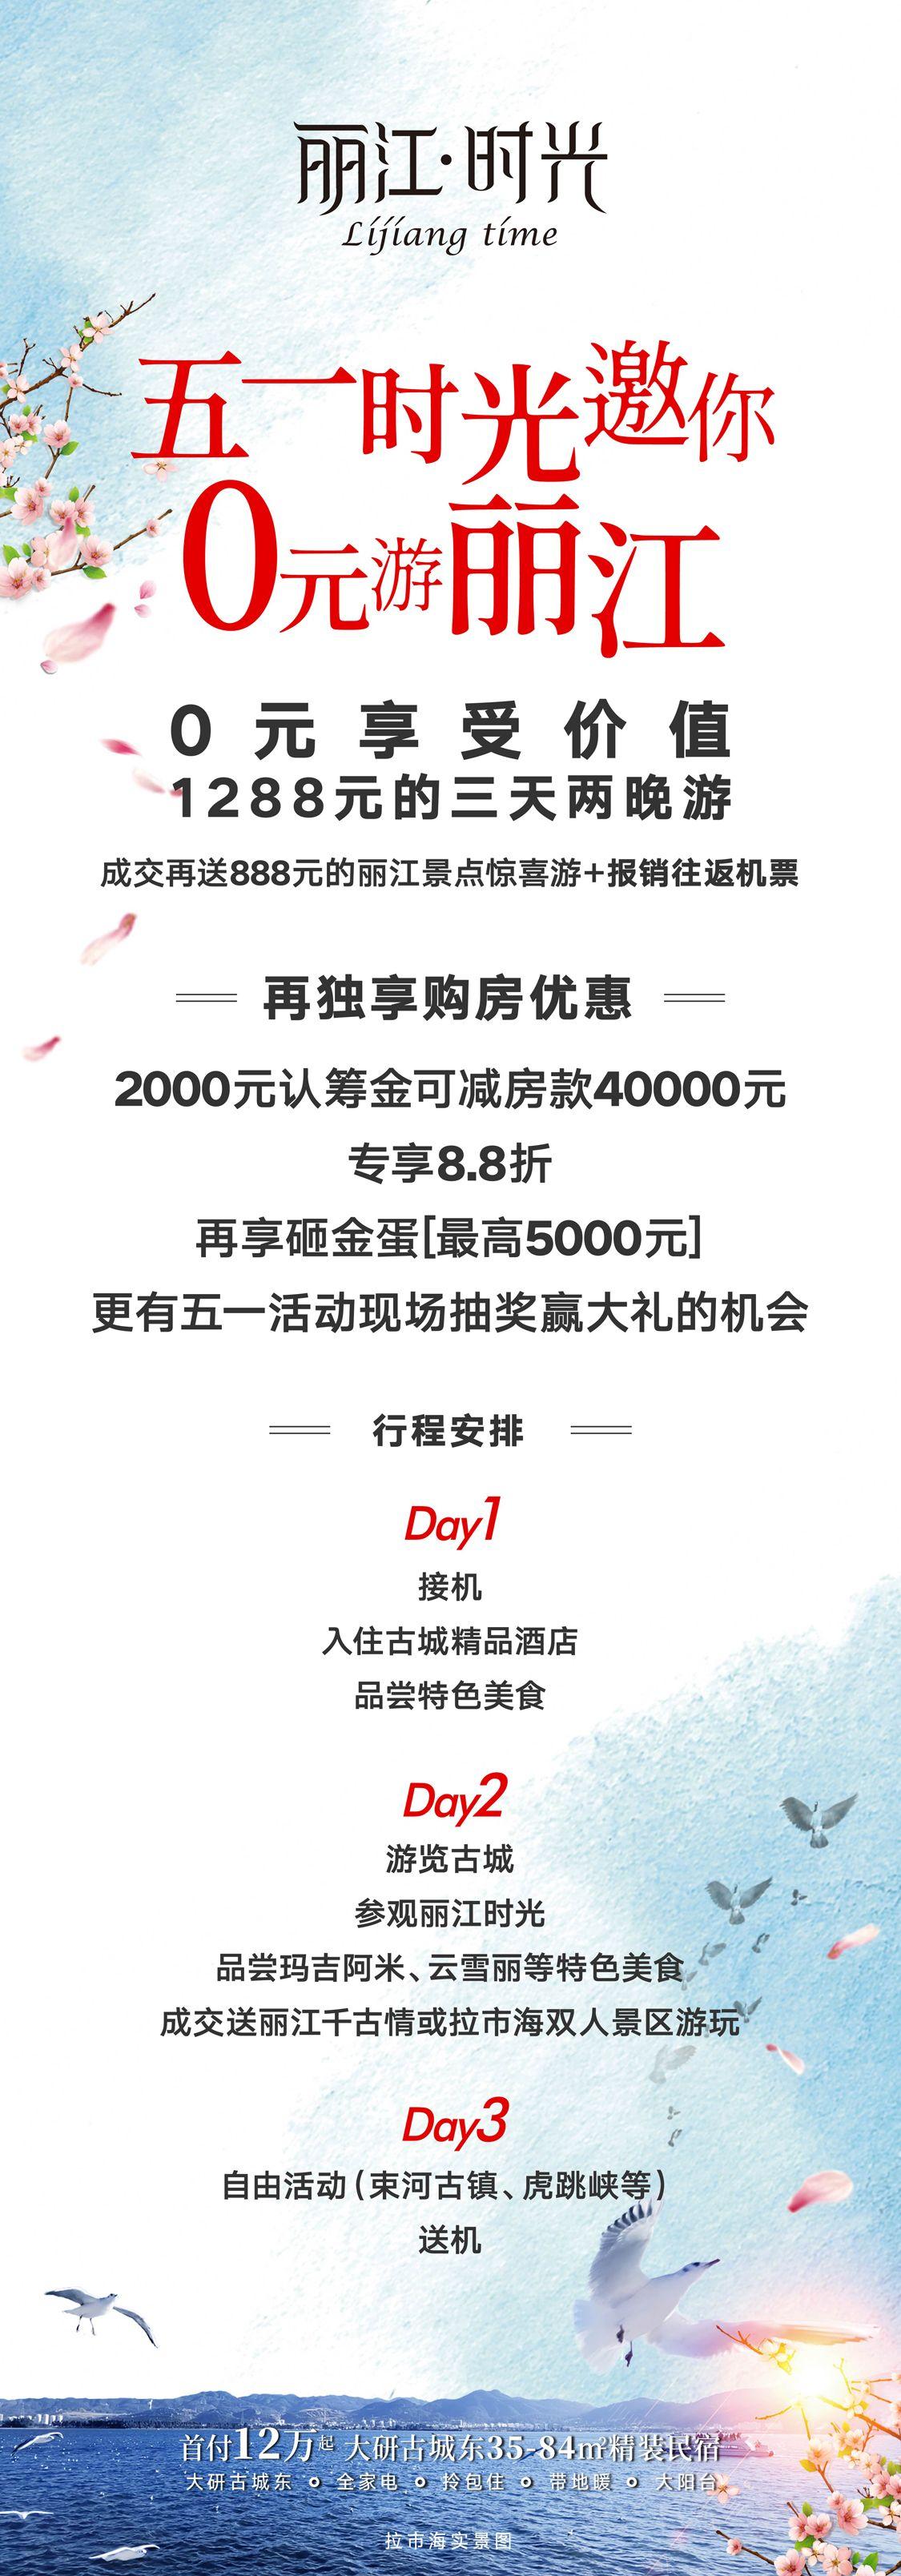 丽江 丽江时光五一邀你0元享受价值1288元的三天两晚丽江游